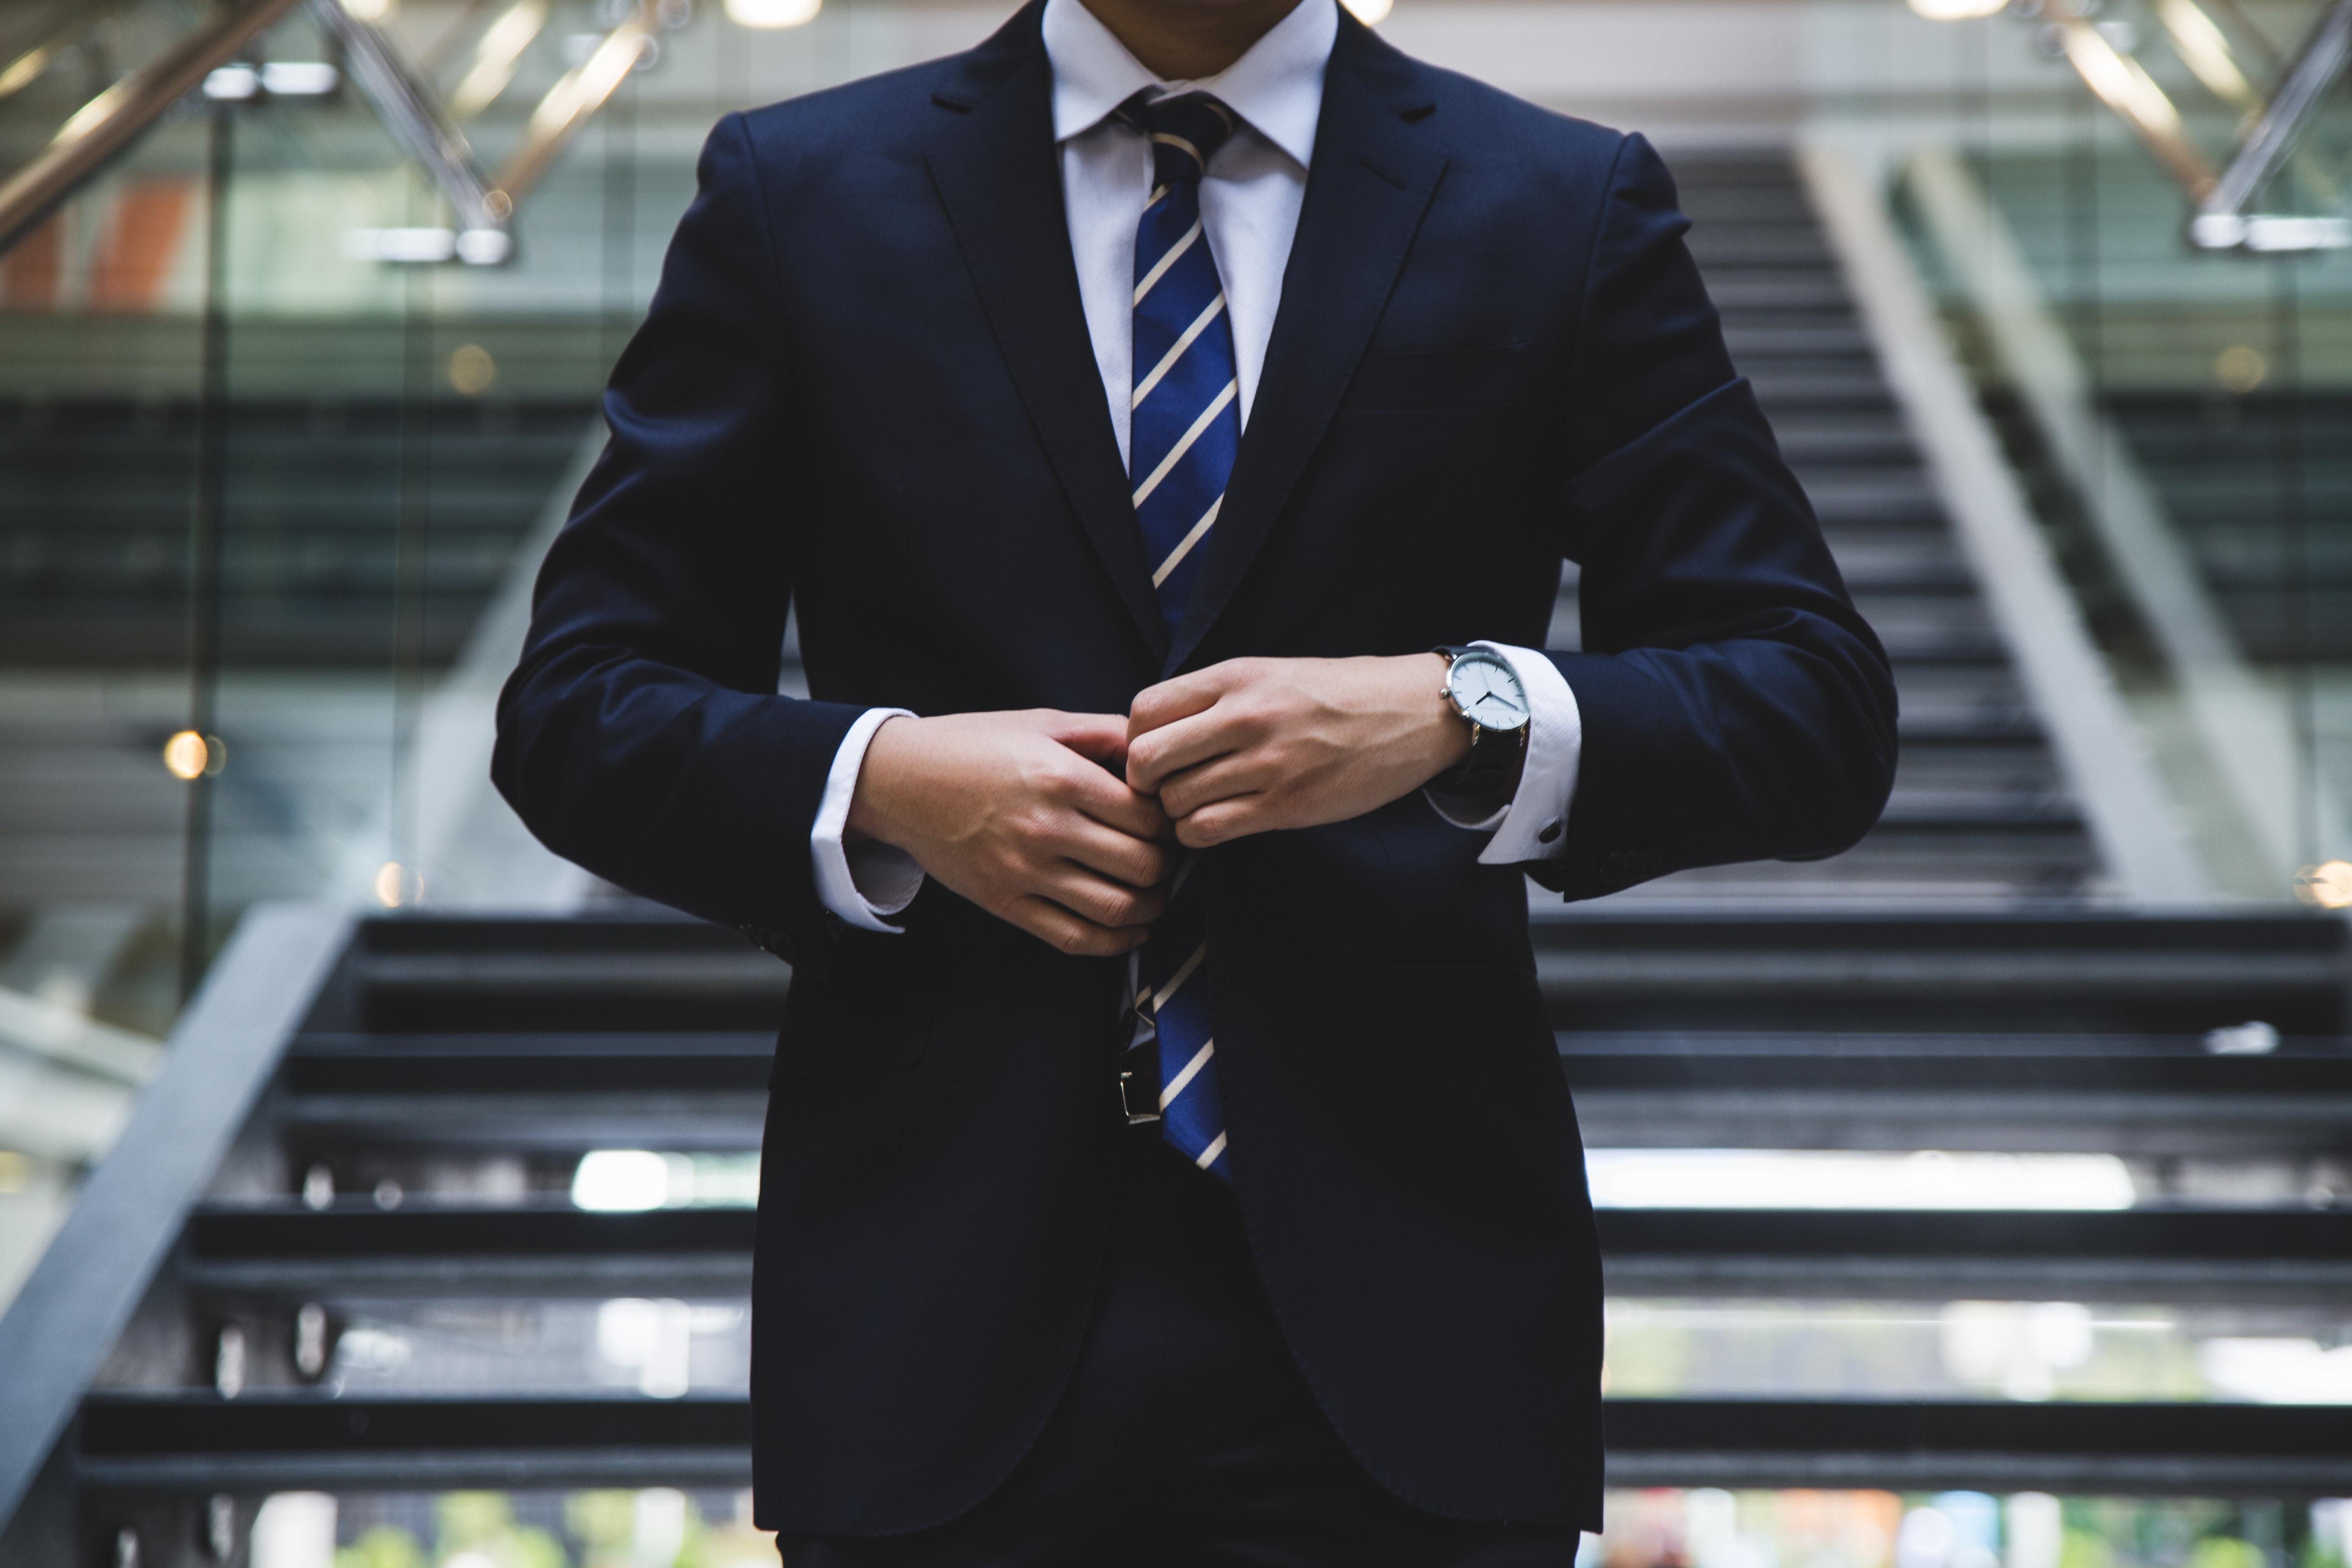 穿著藍色西裝的上班族男性在樓梯前扣夾克釦子